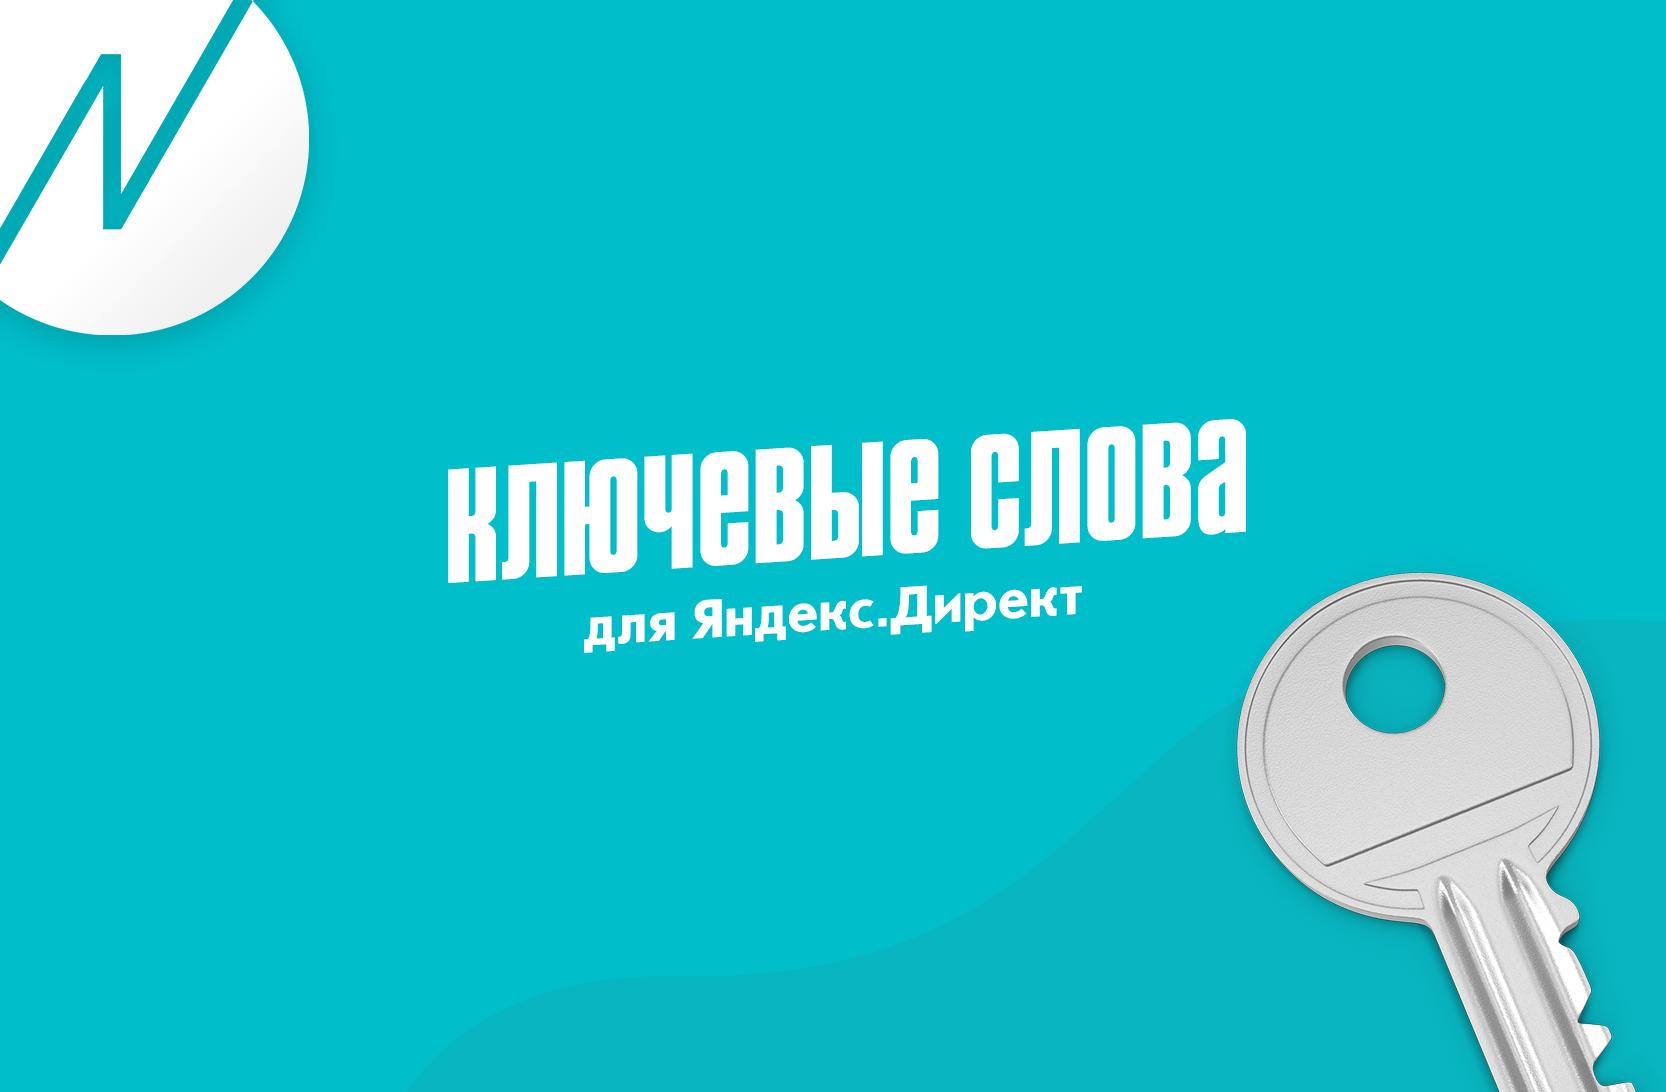 Ключевые слова для Яндекс.Директ